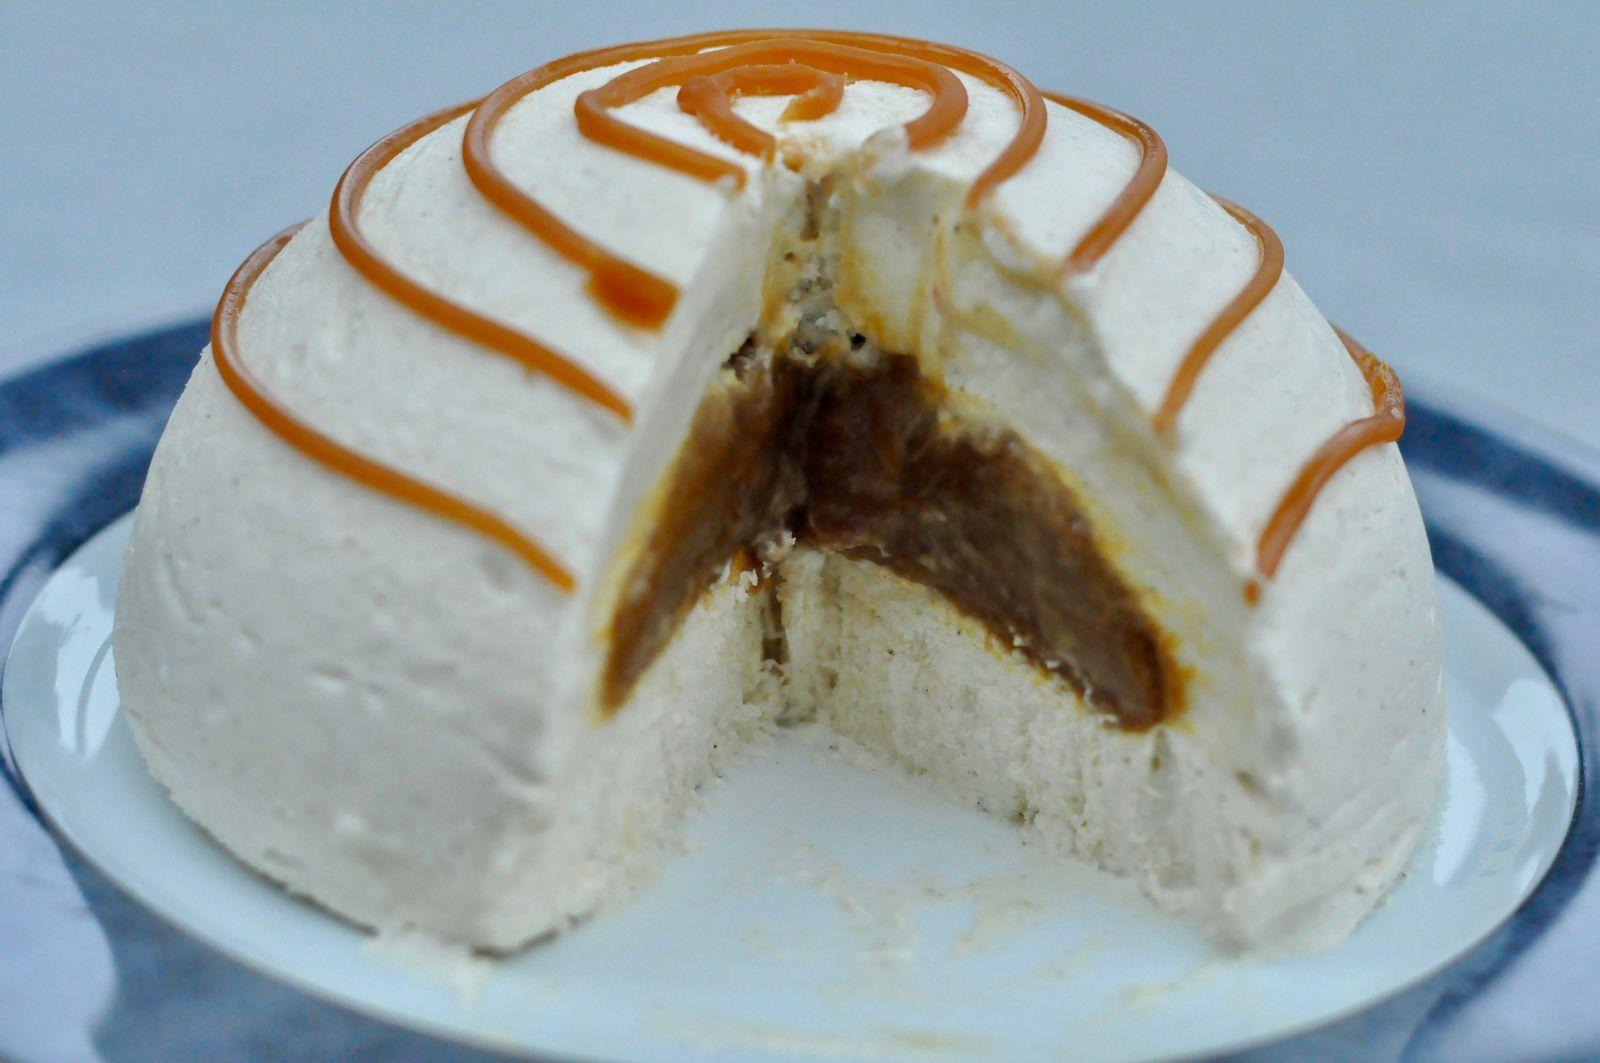 Dôme glacé de mousse de pommes, insert caramel beurre salé (en vidéo)